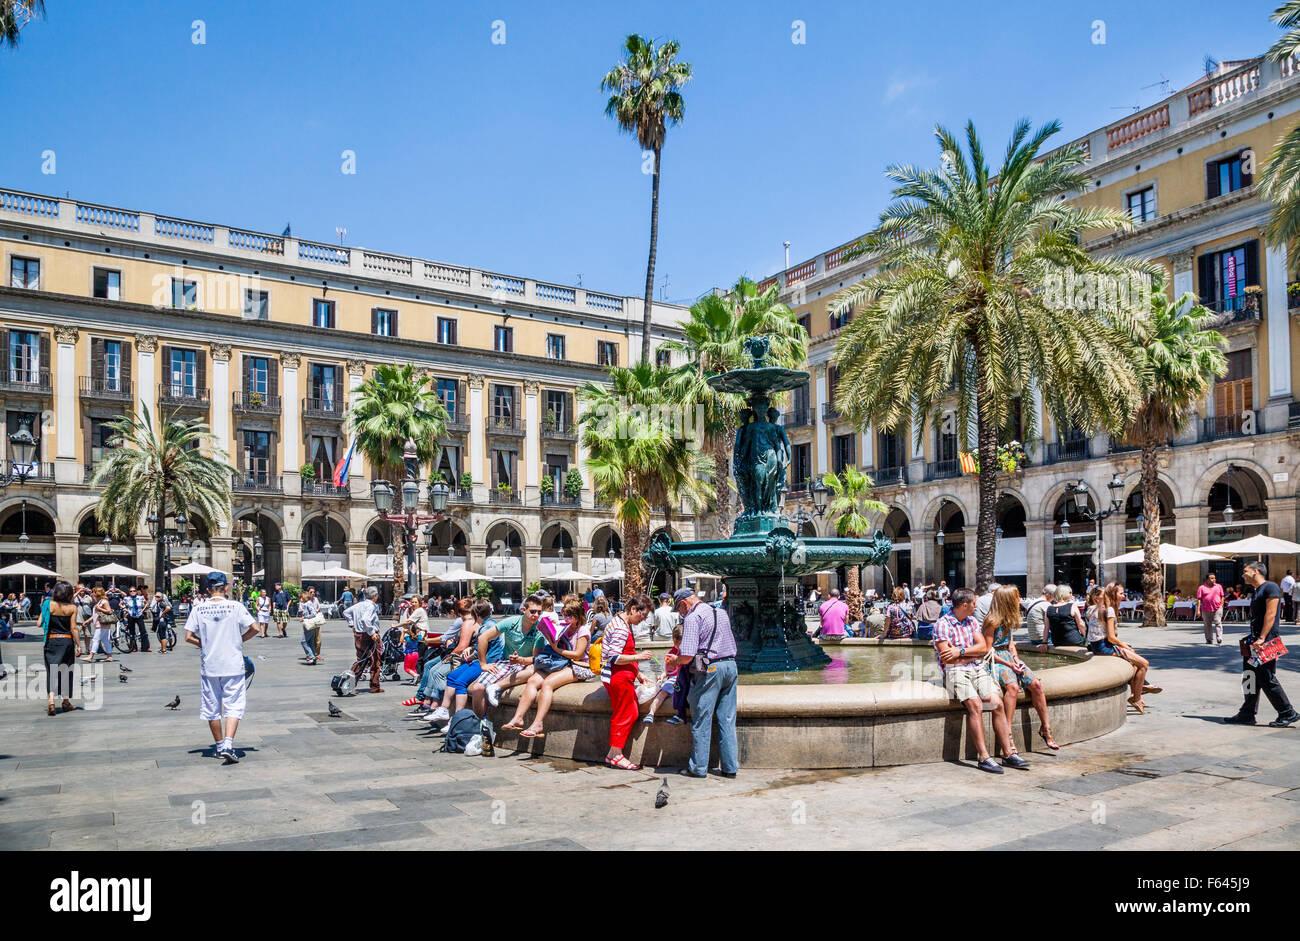 Espagne, Catalogne, Barcelone, Barri Góthic, fontaine à Plaça Reial, un point de rencontre populaire Photo Stock